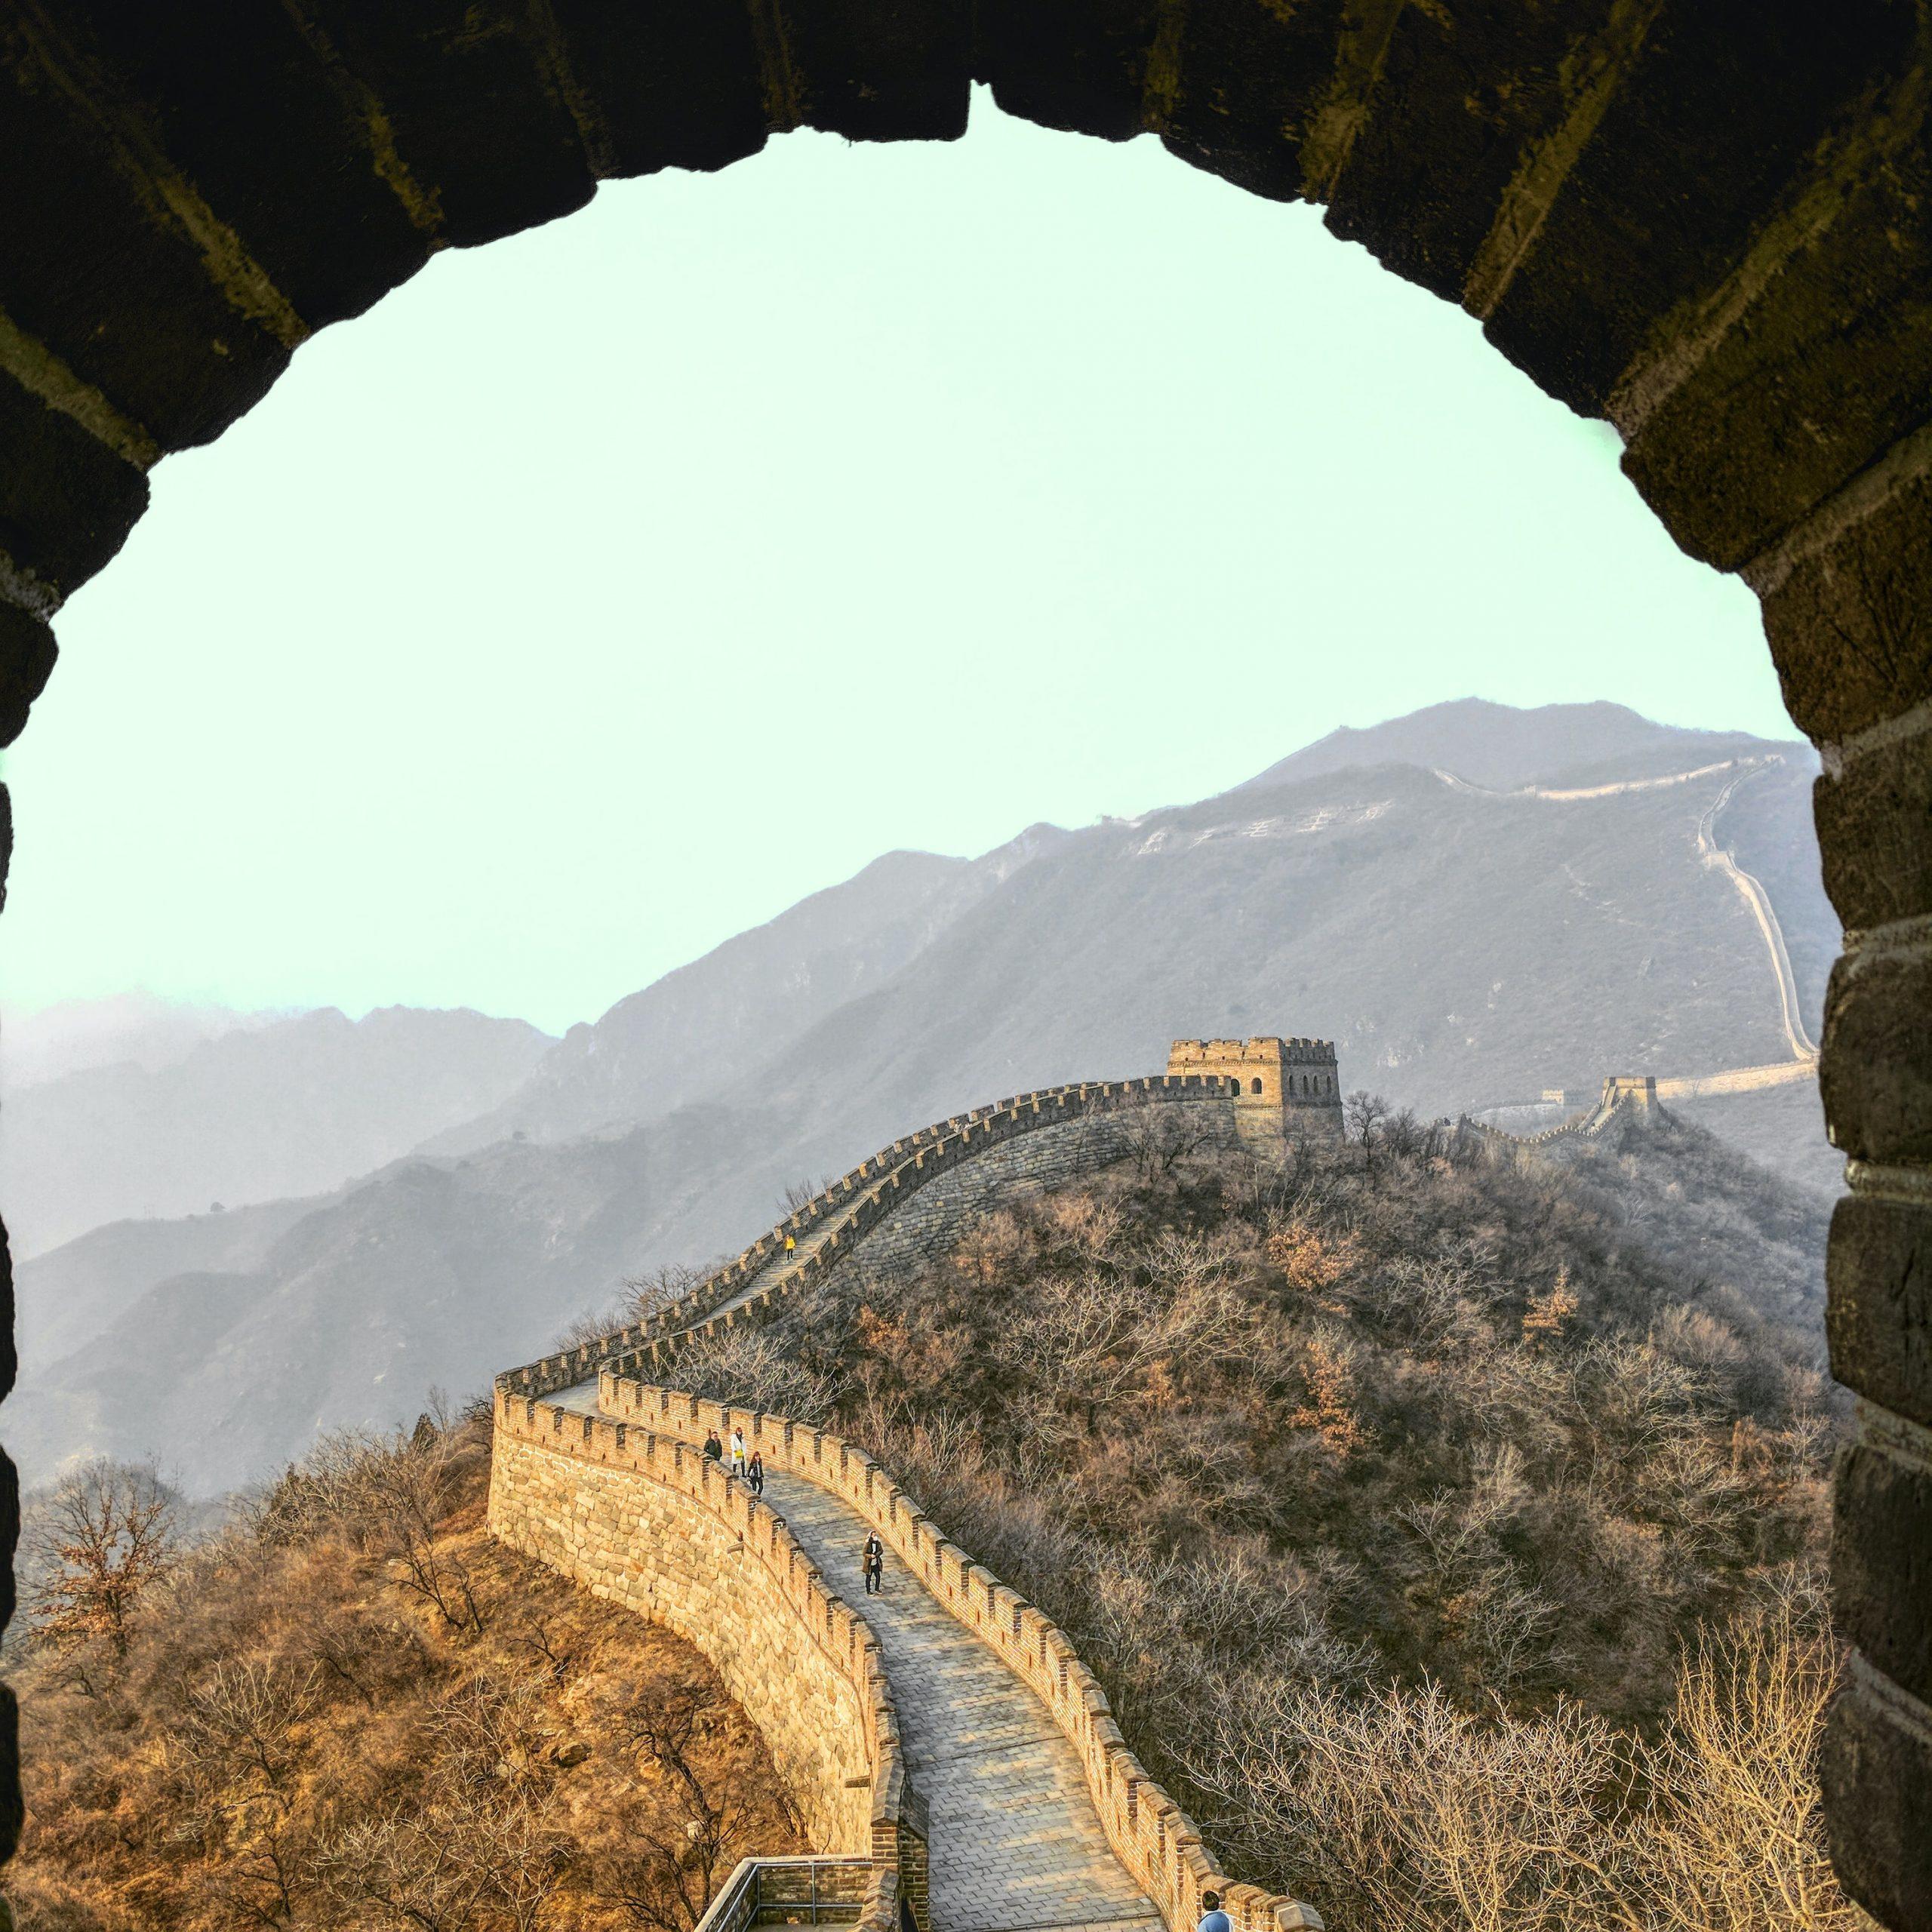 Da ist sie. Die Chinesische Mauer!